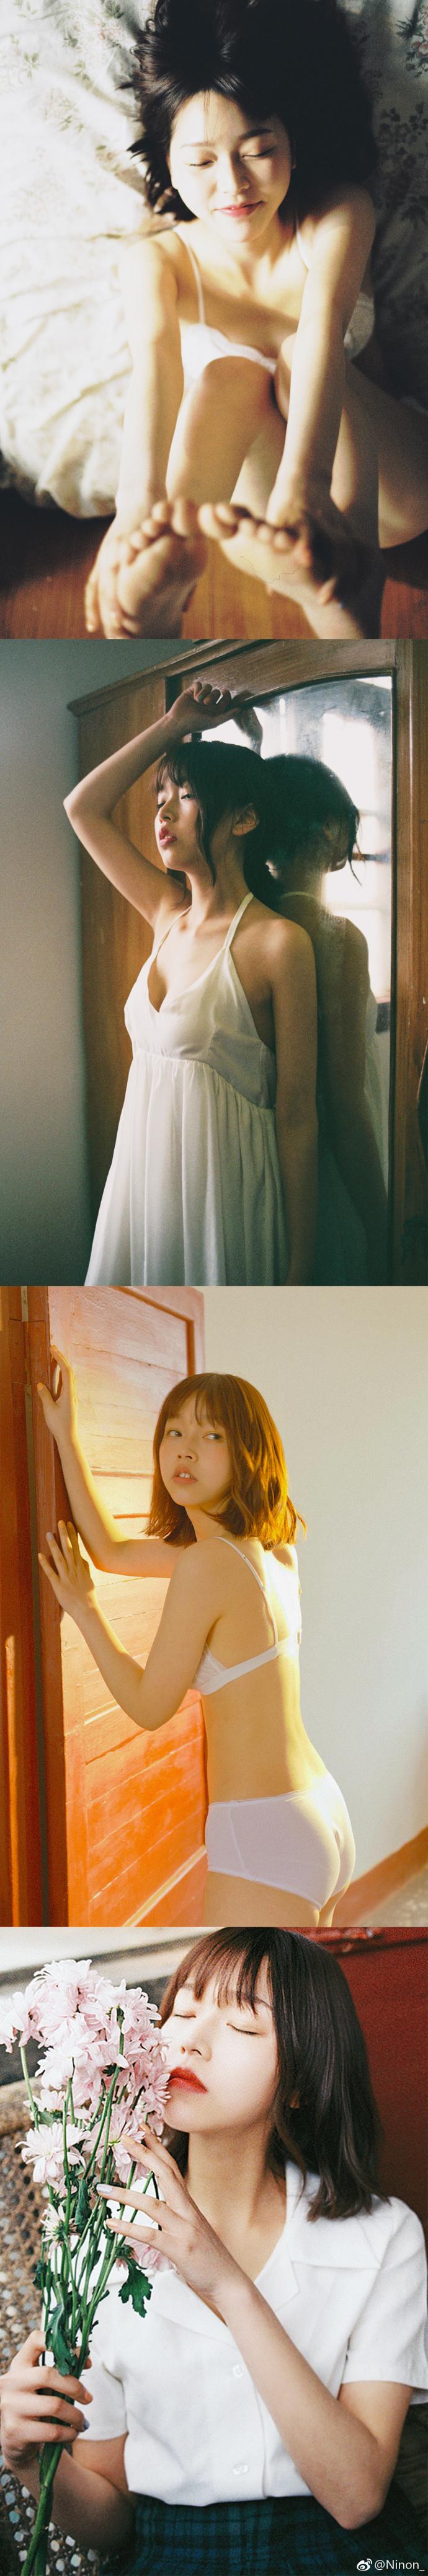 日系唯美少女写真,微博妹子@小早仪18岁纪念(9P)